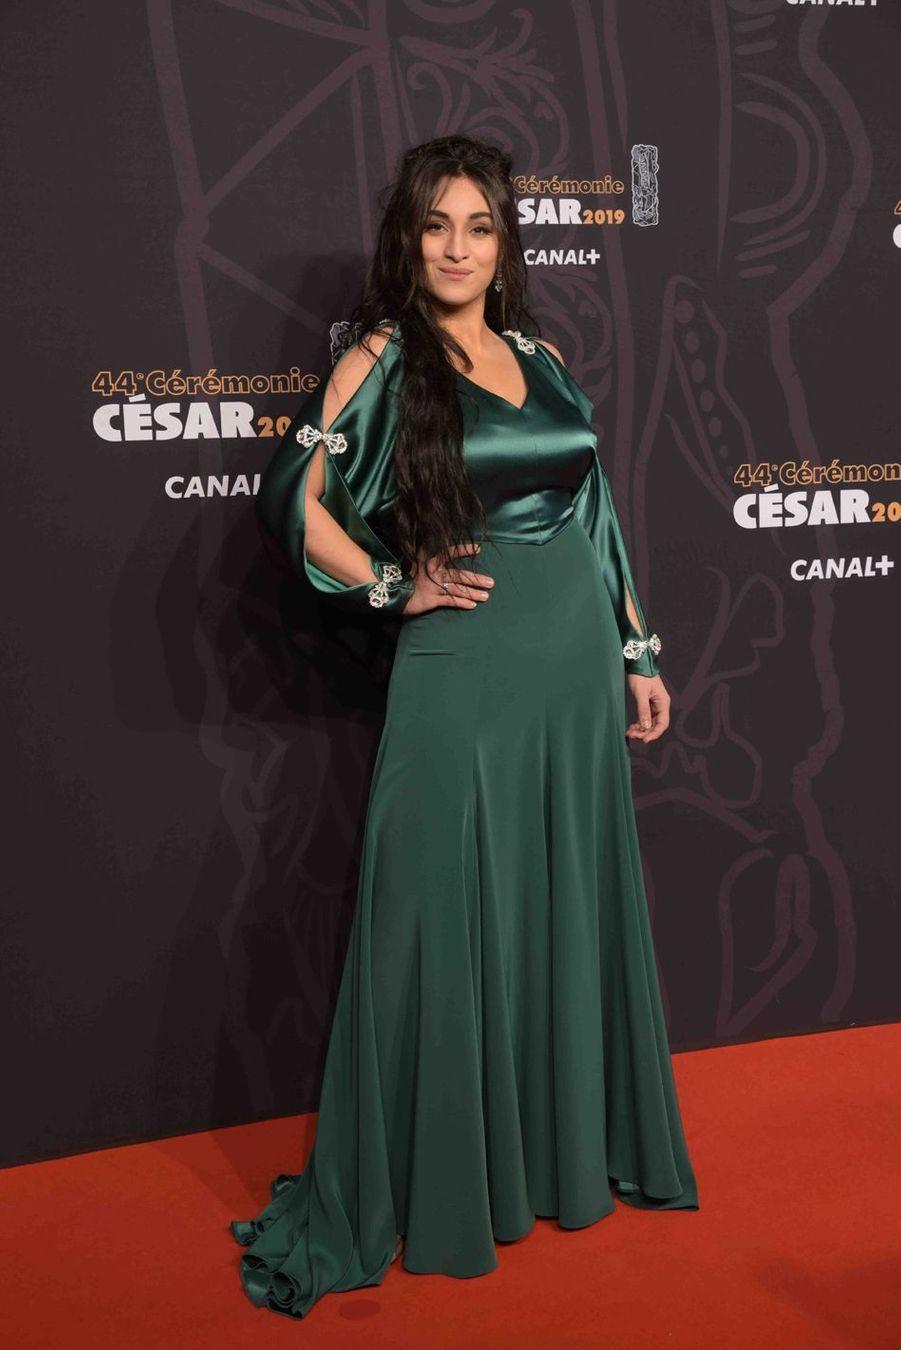 Camélia Jordanaà la 44e cérémonie des César à la Salle Pleyel à Paris le 22 février 2019